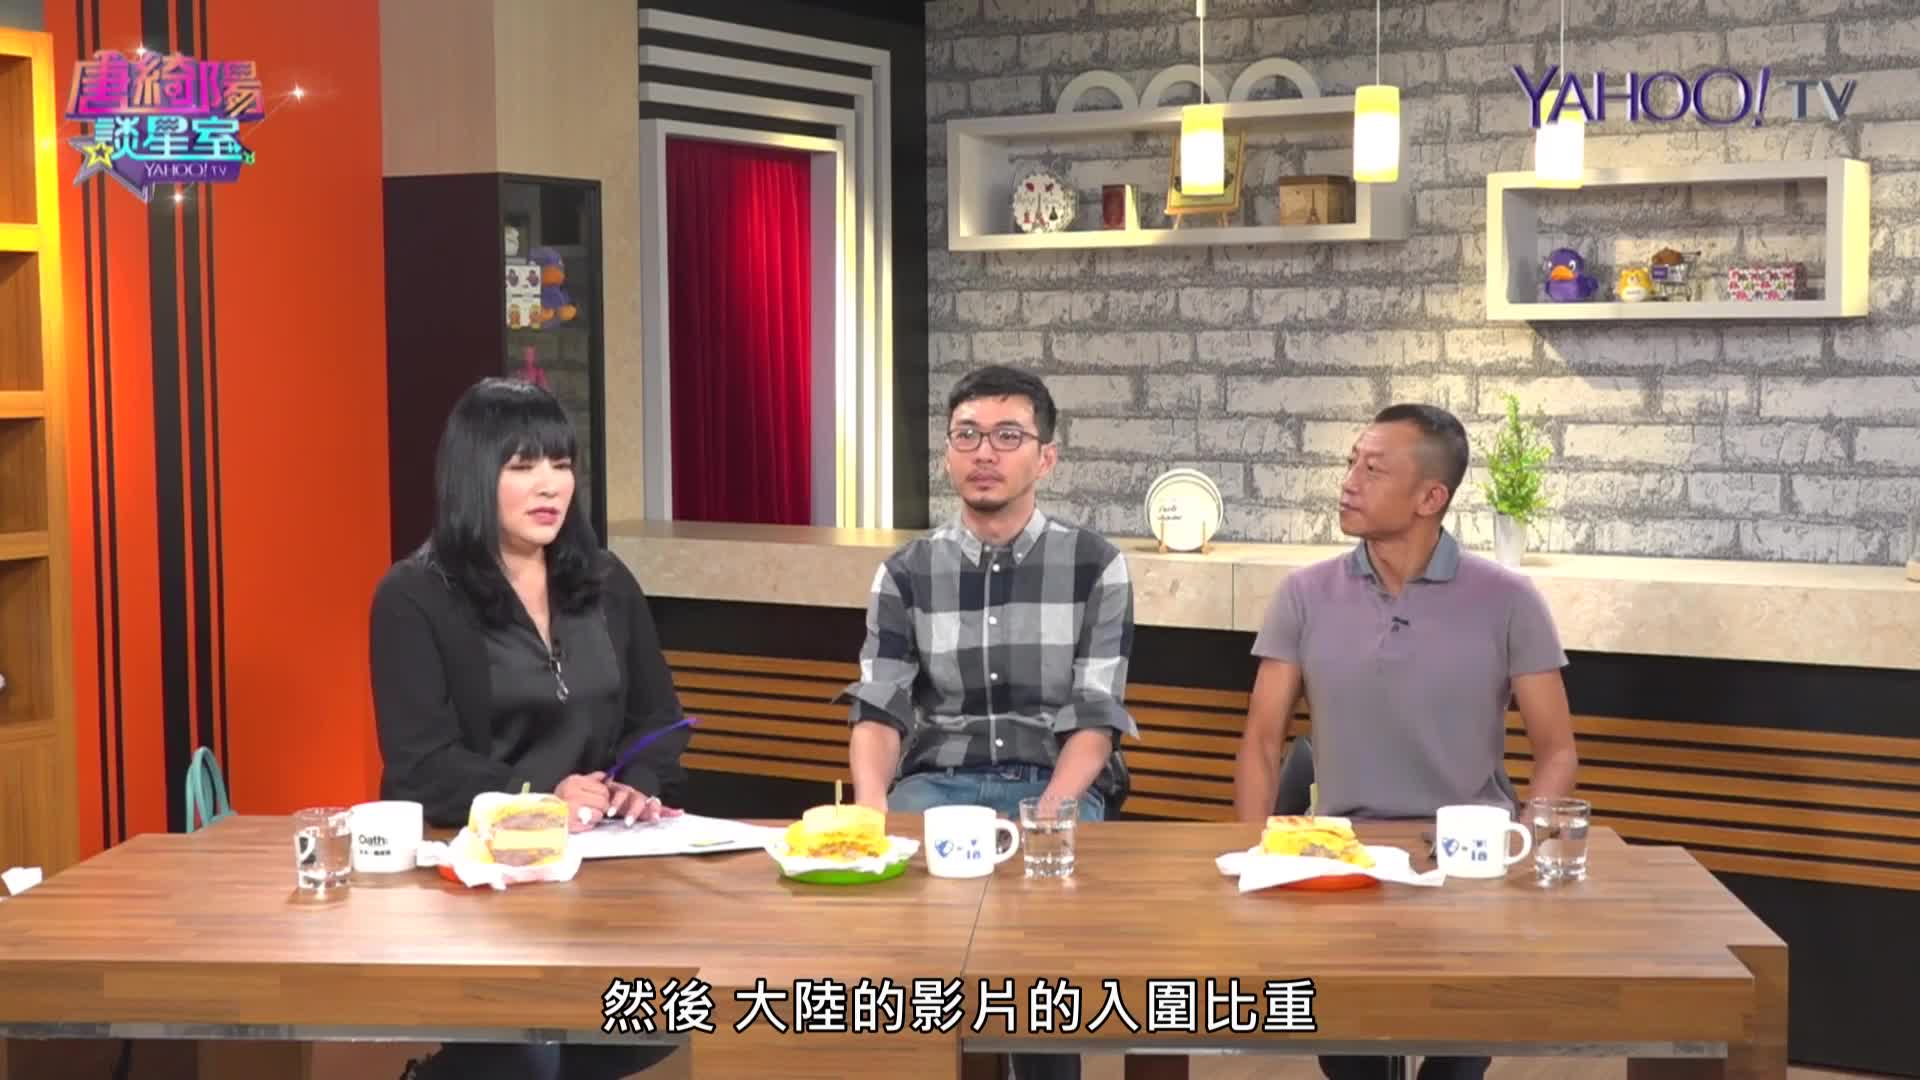 金馬獎入圍名單公布台灣片入圍少??  導演楊雅喆這樣說